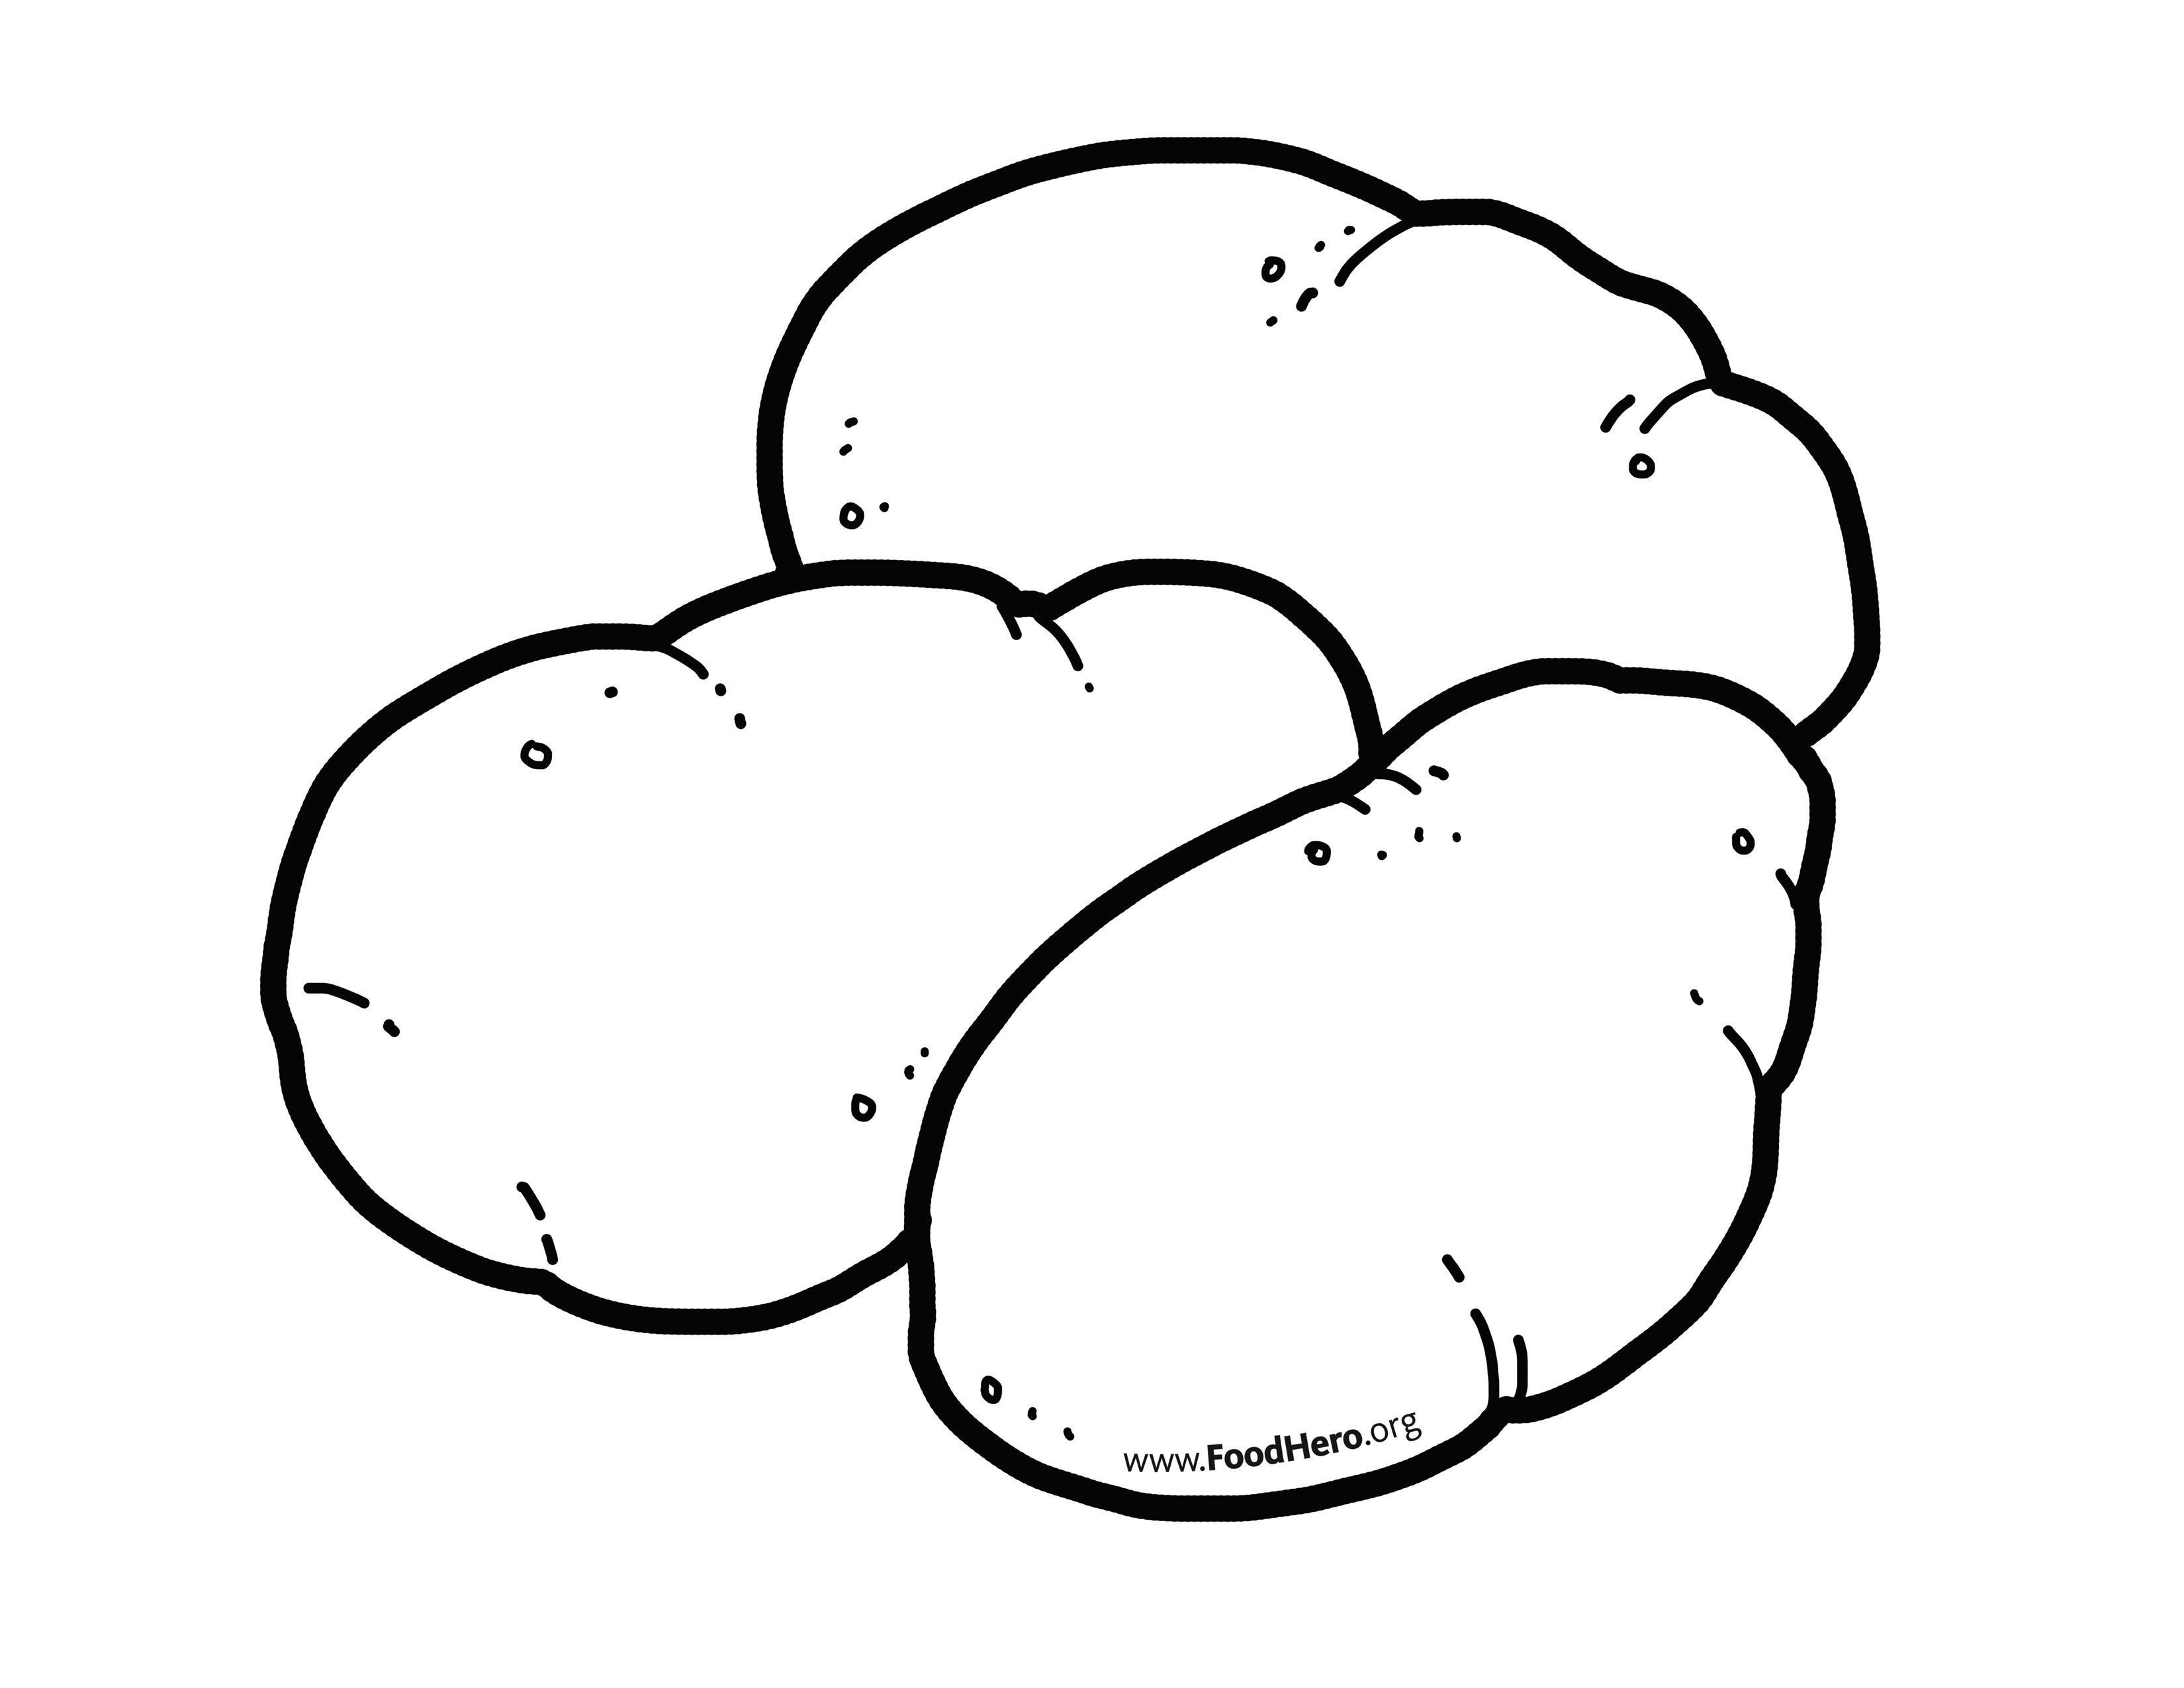 Potato Outline